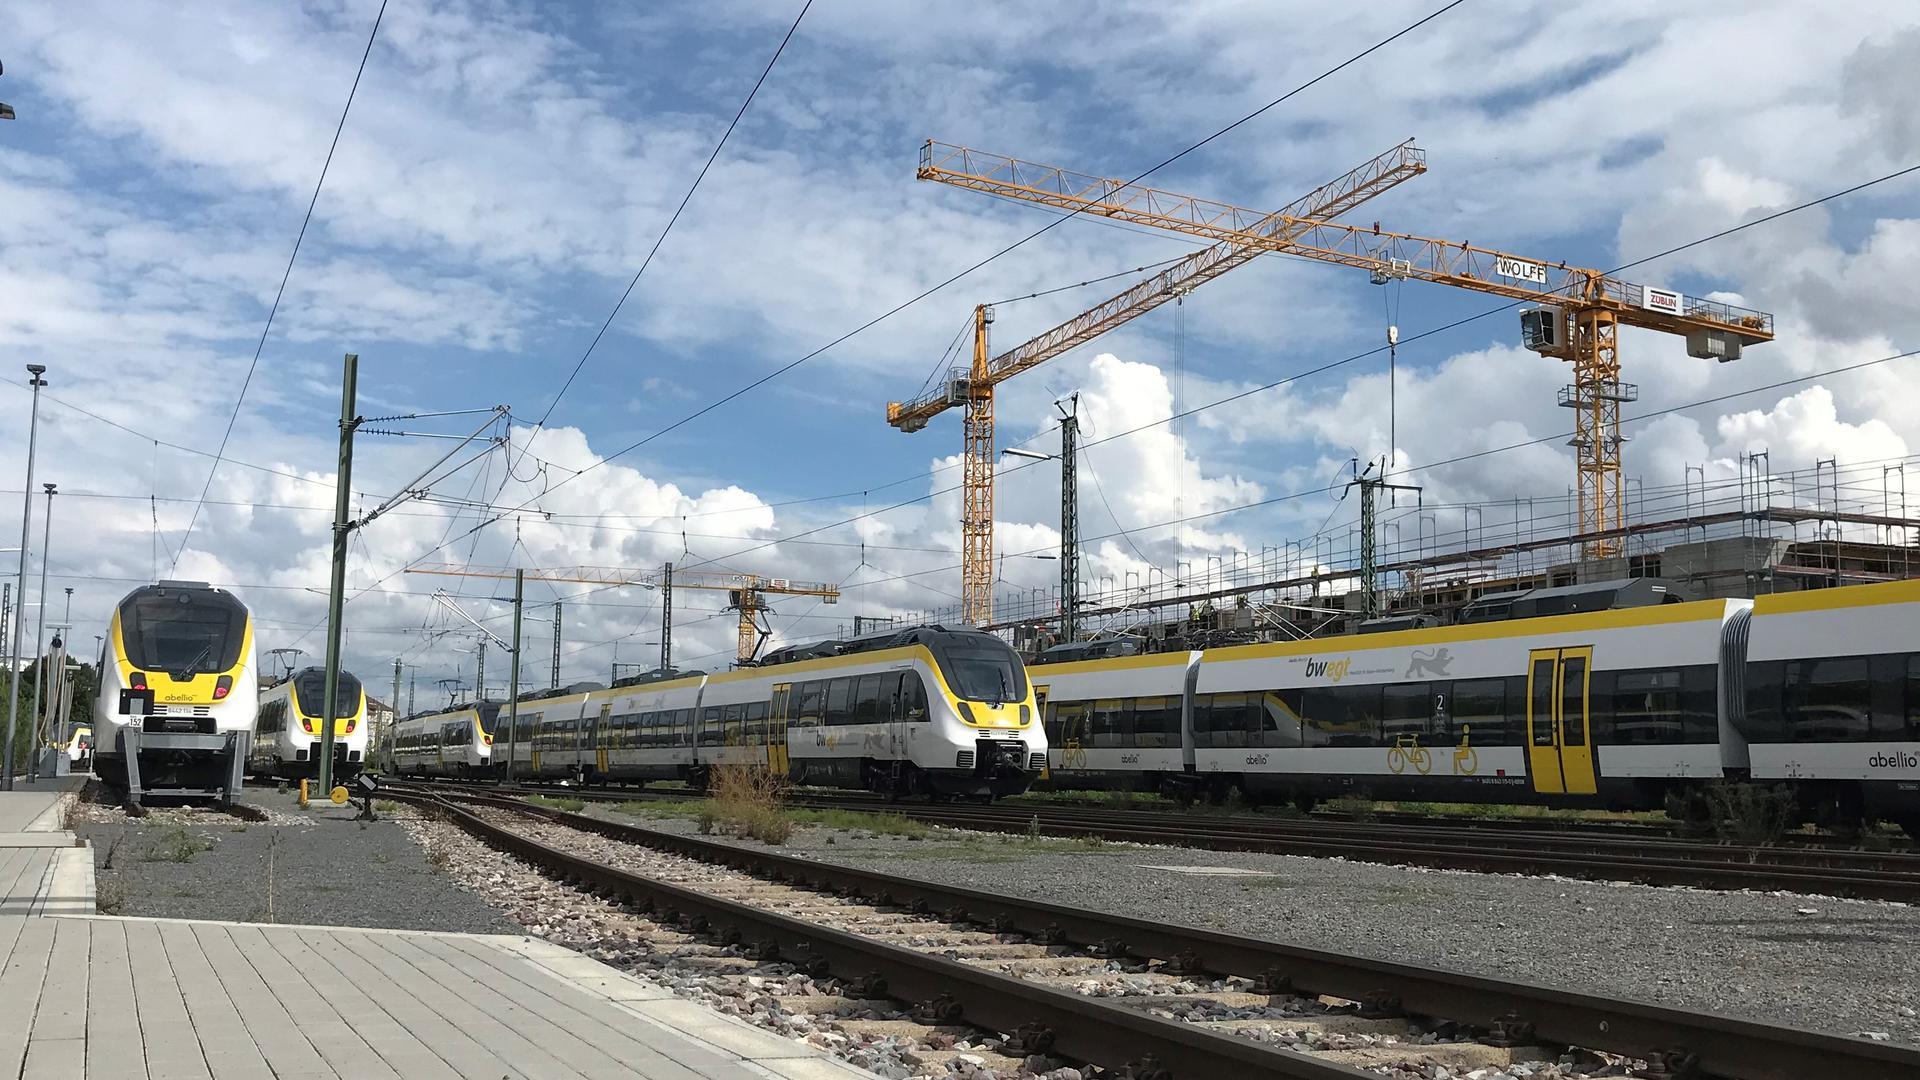 Mehrere Abellio-Züge stehen auf den Gleisen nahe der Werkstatt in Pforzheim (nicht im Bild). Im Hintergrund sind zwei Kräne zu sehen.